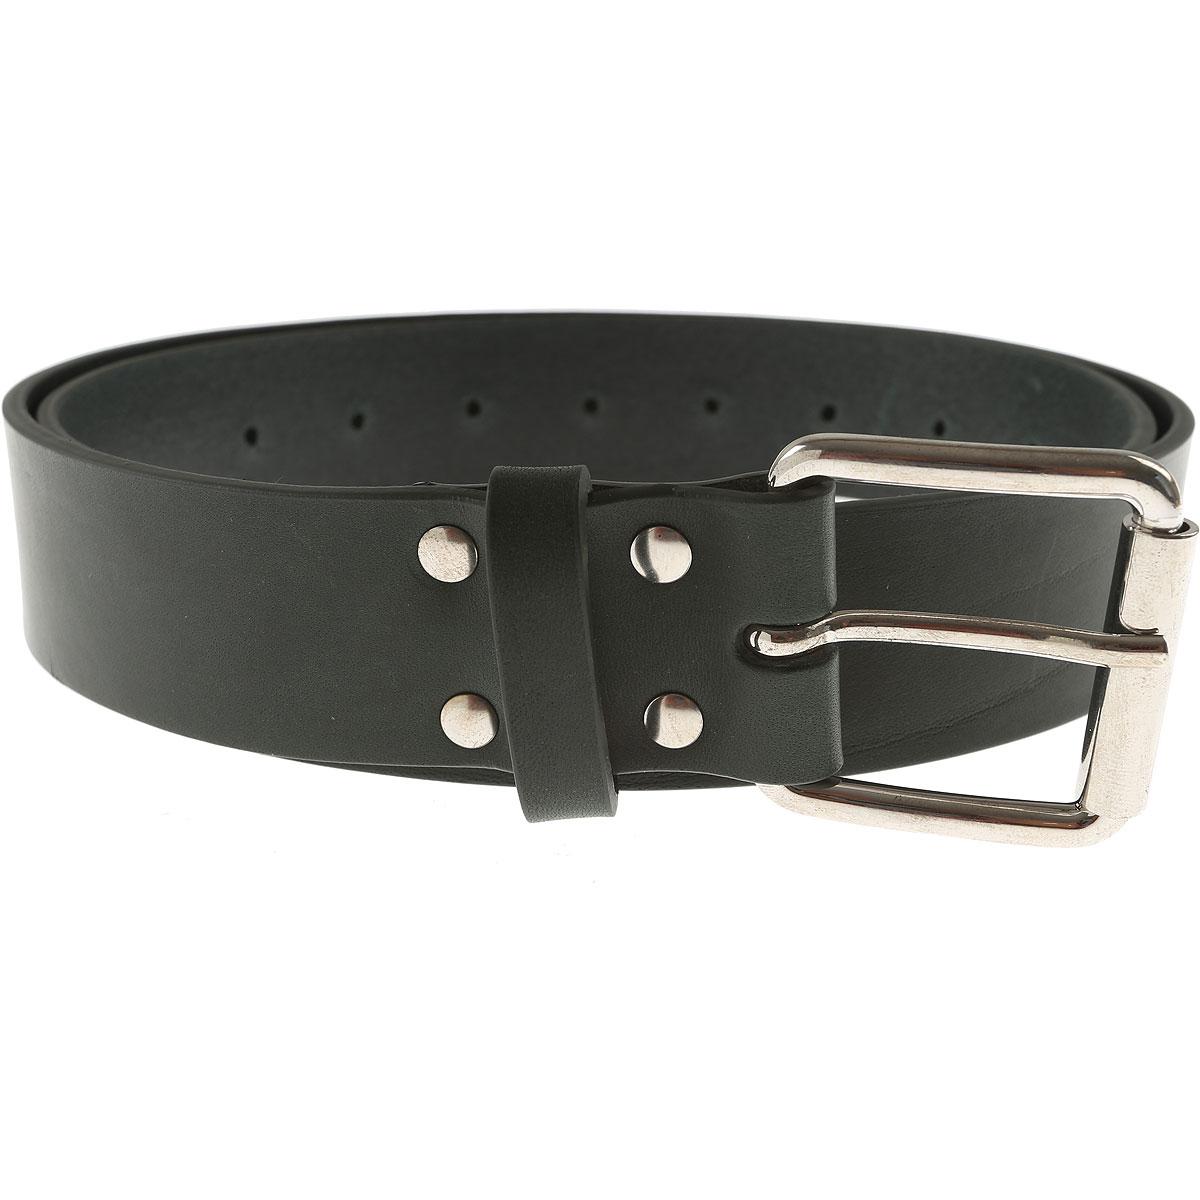 Image of Comme des Garcons Mens Belts, Dark Green, Leather, 2017